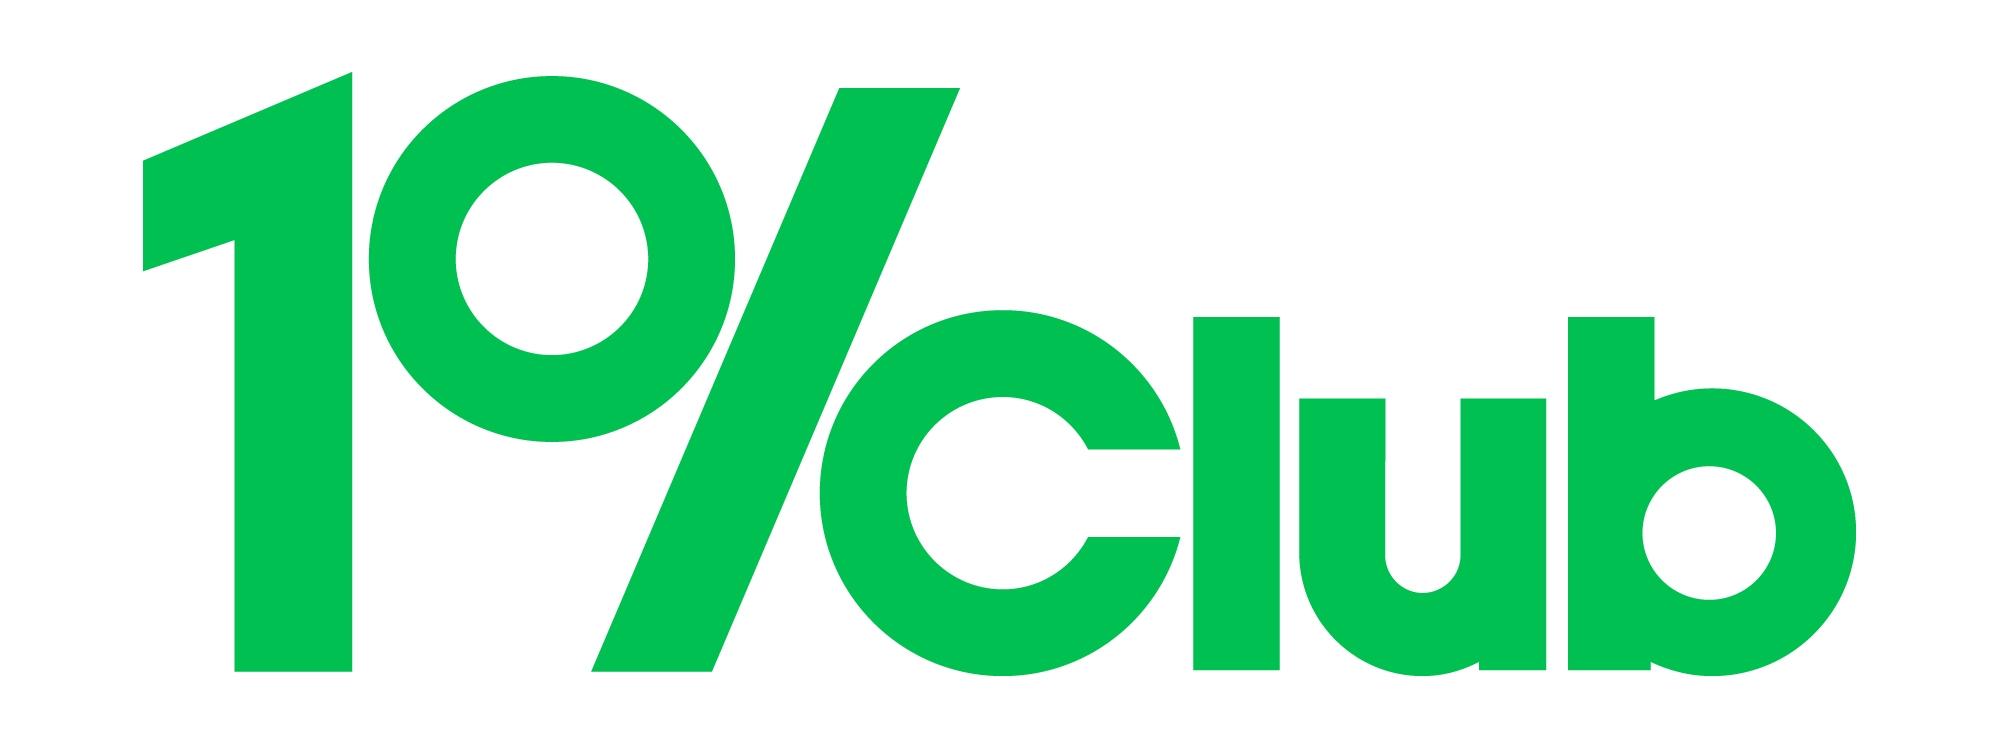 Logo-1club-groen.jpg